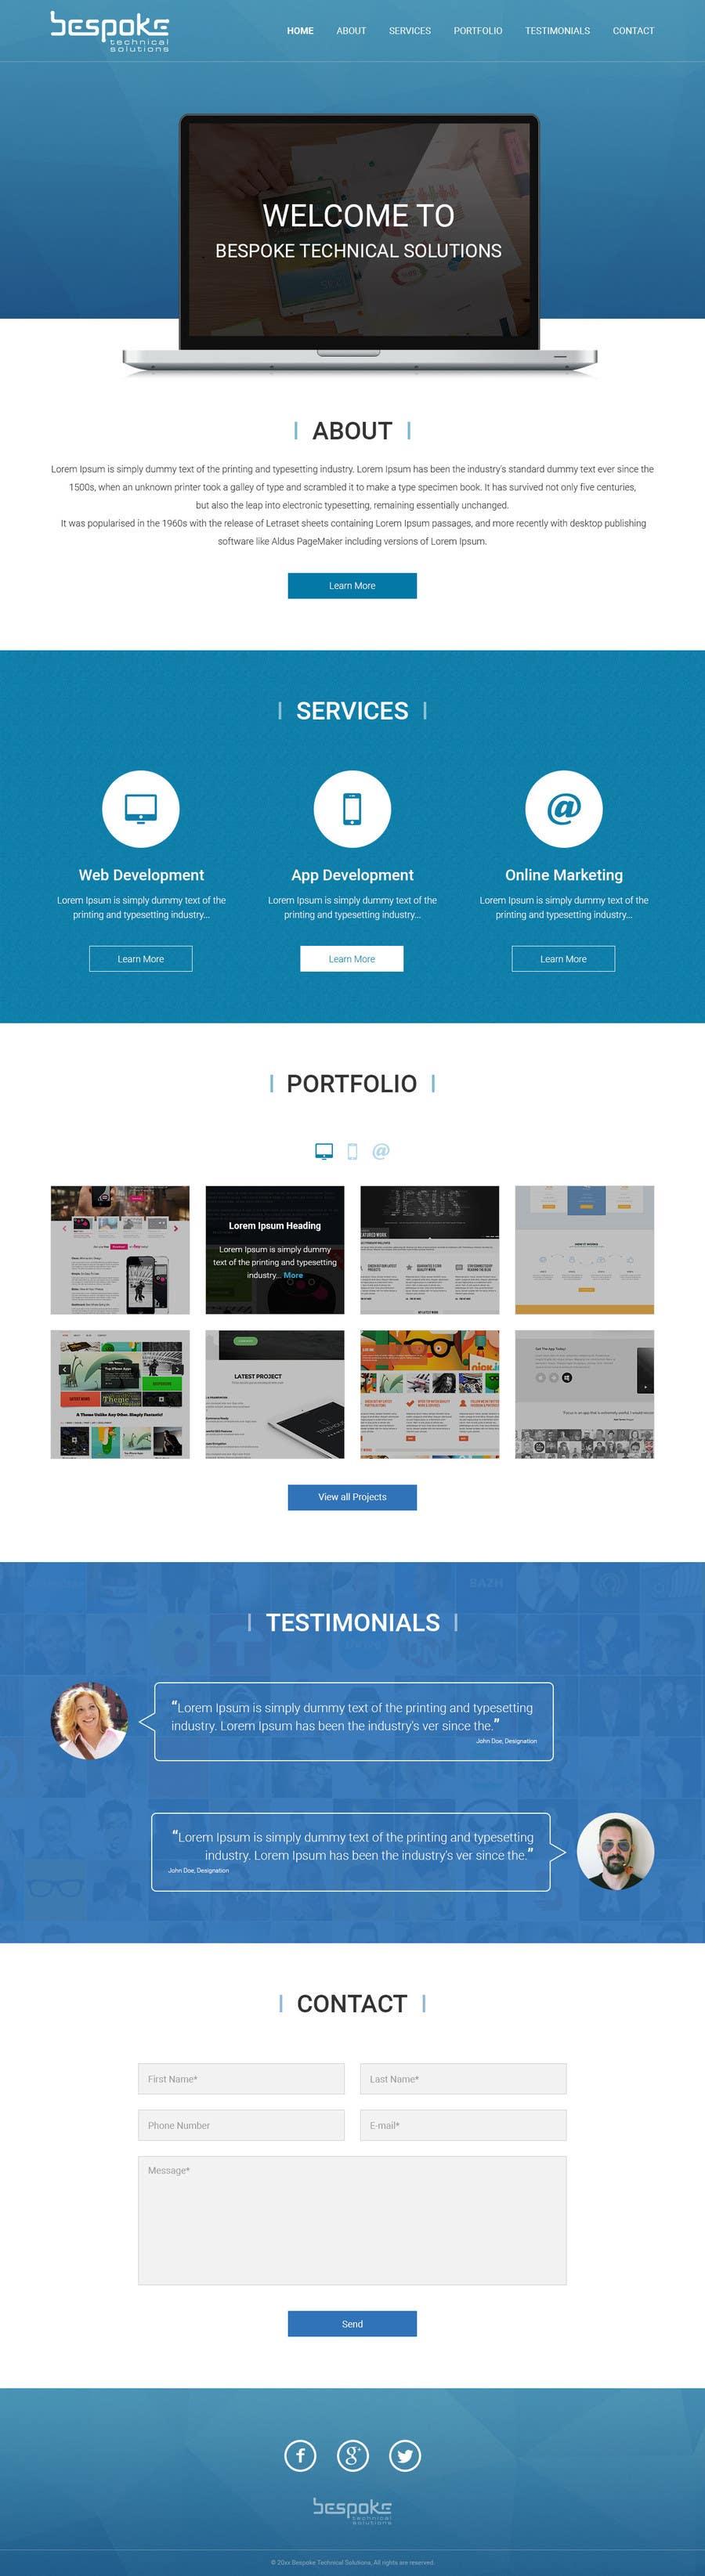 Penyertaan Peraduan #1 untuk Create a Wordpress Template for btsperth.com.au